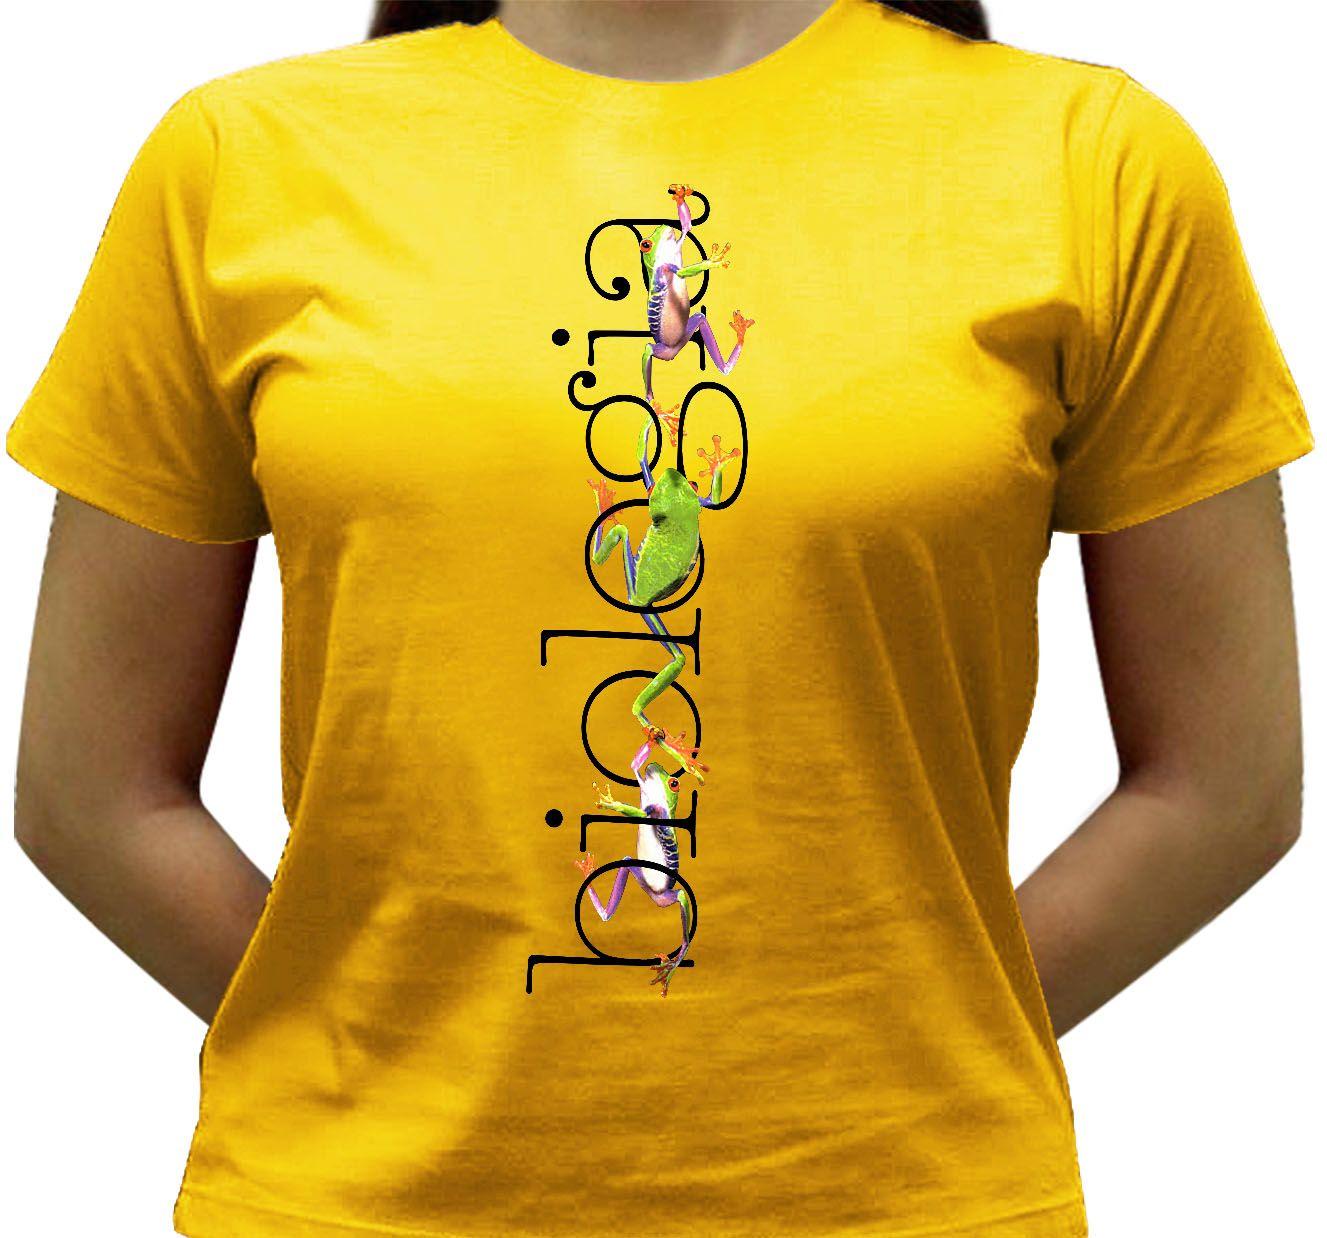 Camiseta Biologia2 - Baby-look - Camisetas Tríbole Camisetas